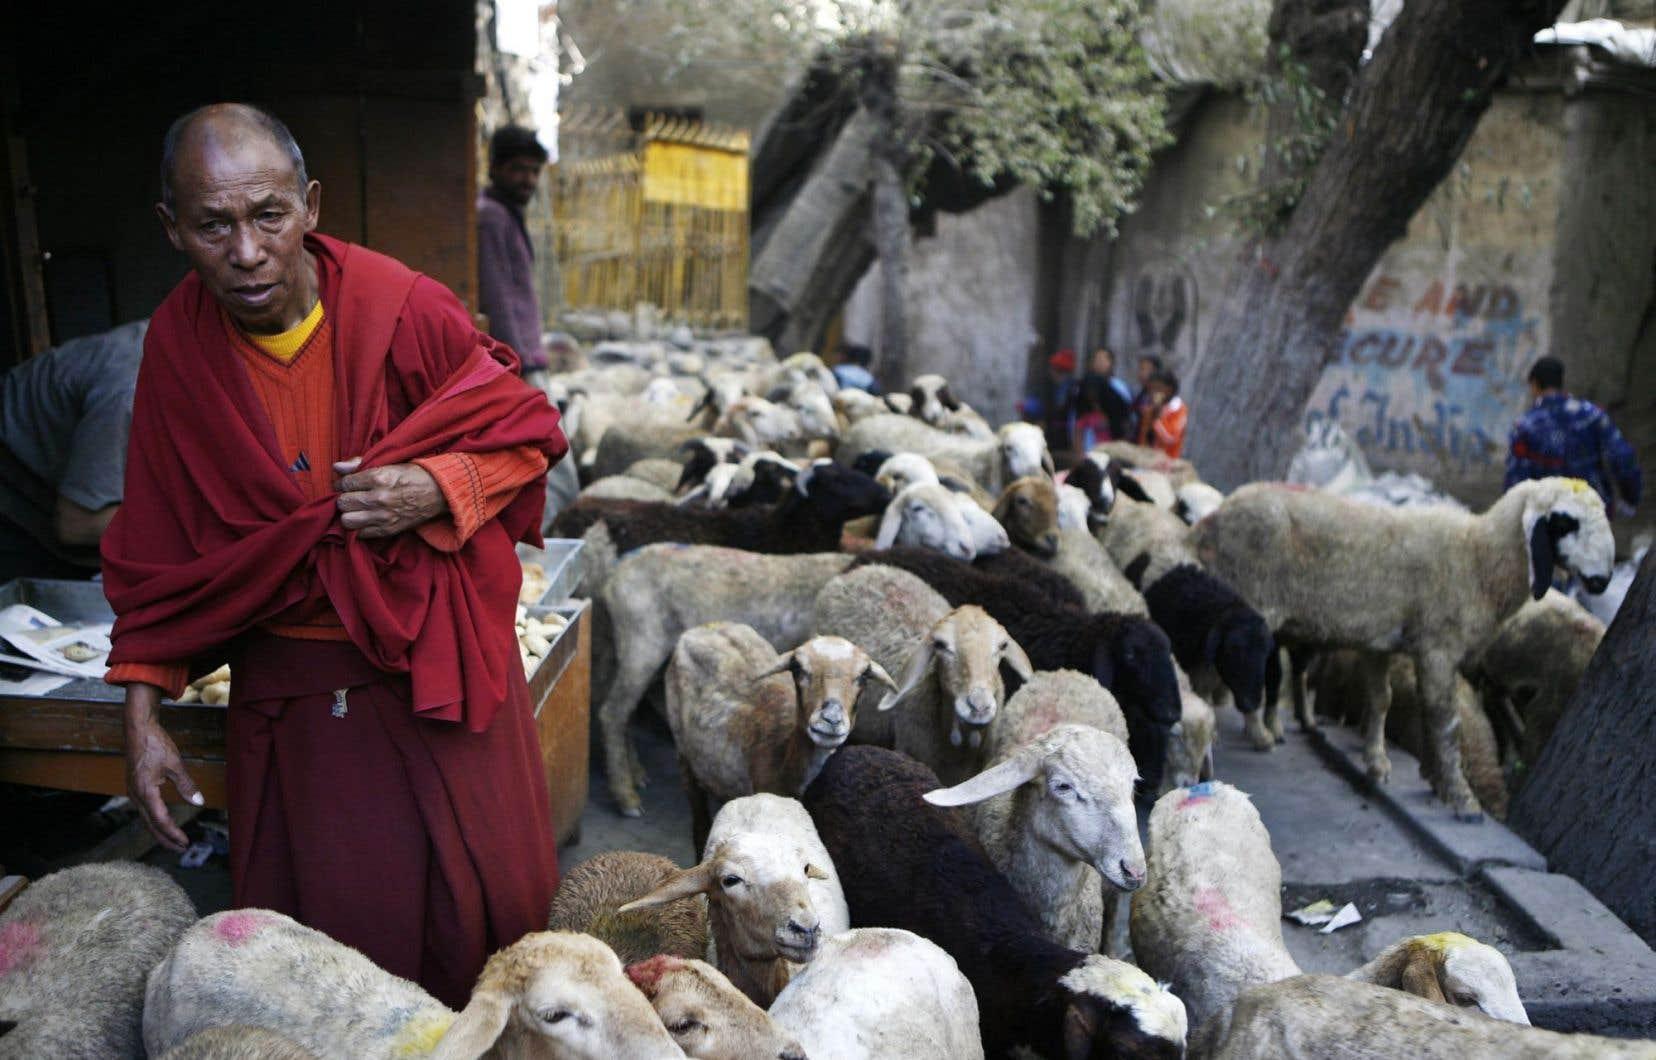 Un moine bouddhiste avec son troupeau de moutons à Leh, dans l'État Jammu-et-Cachemire du Ladakh, en Inde.